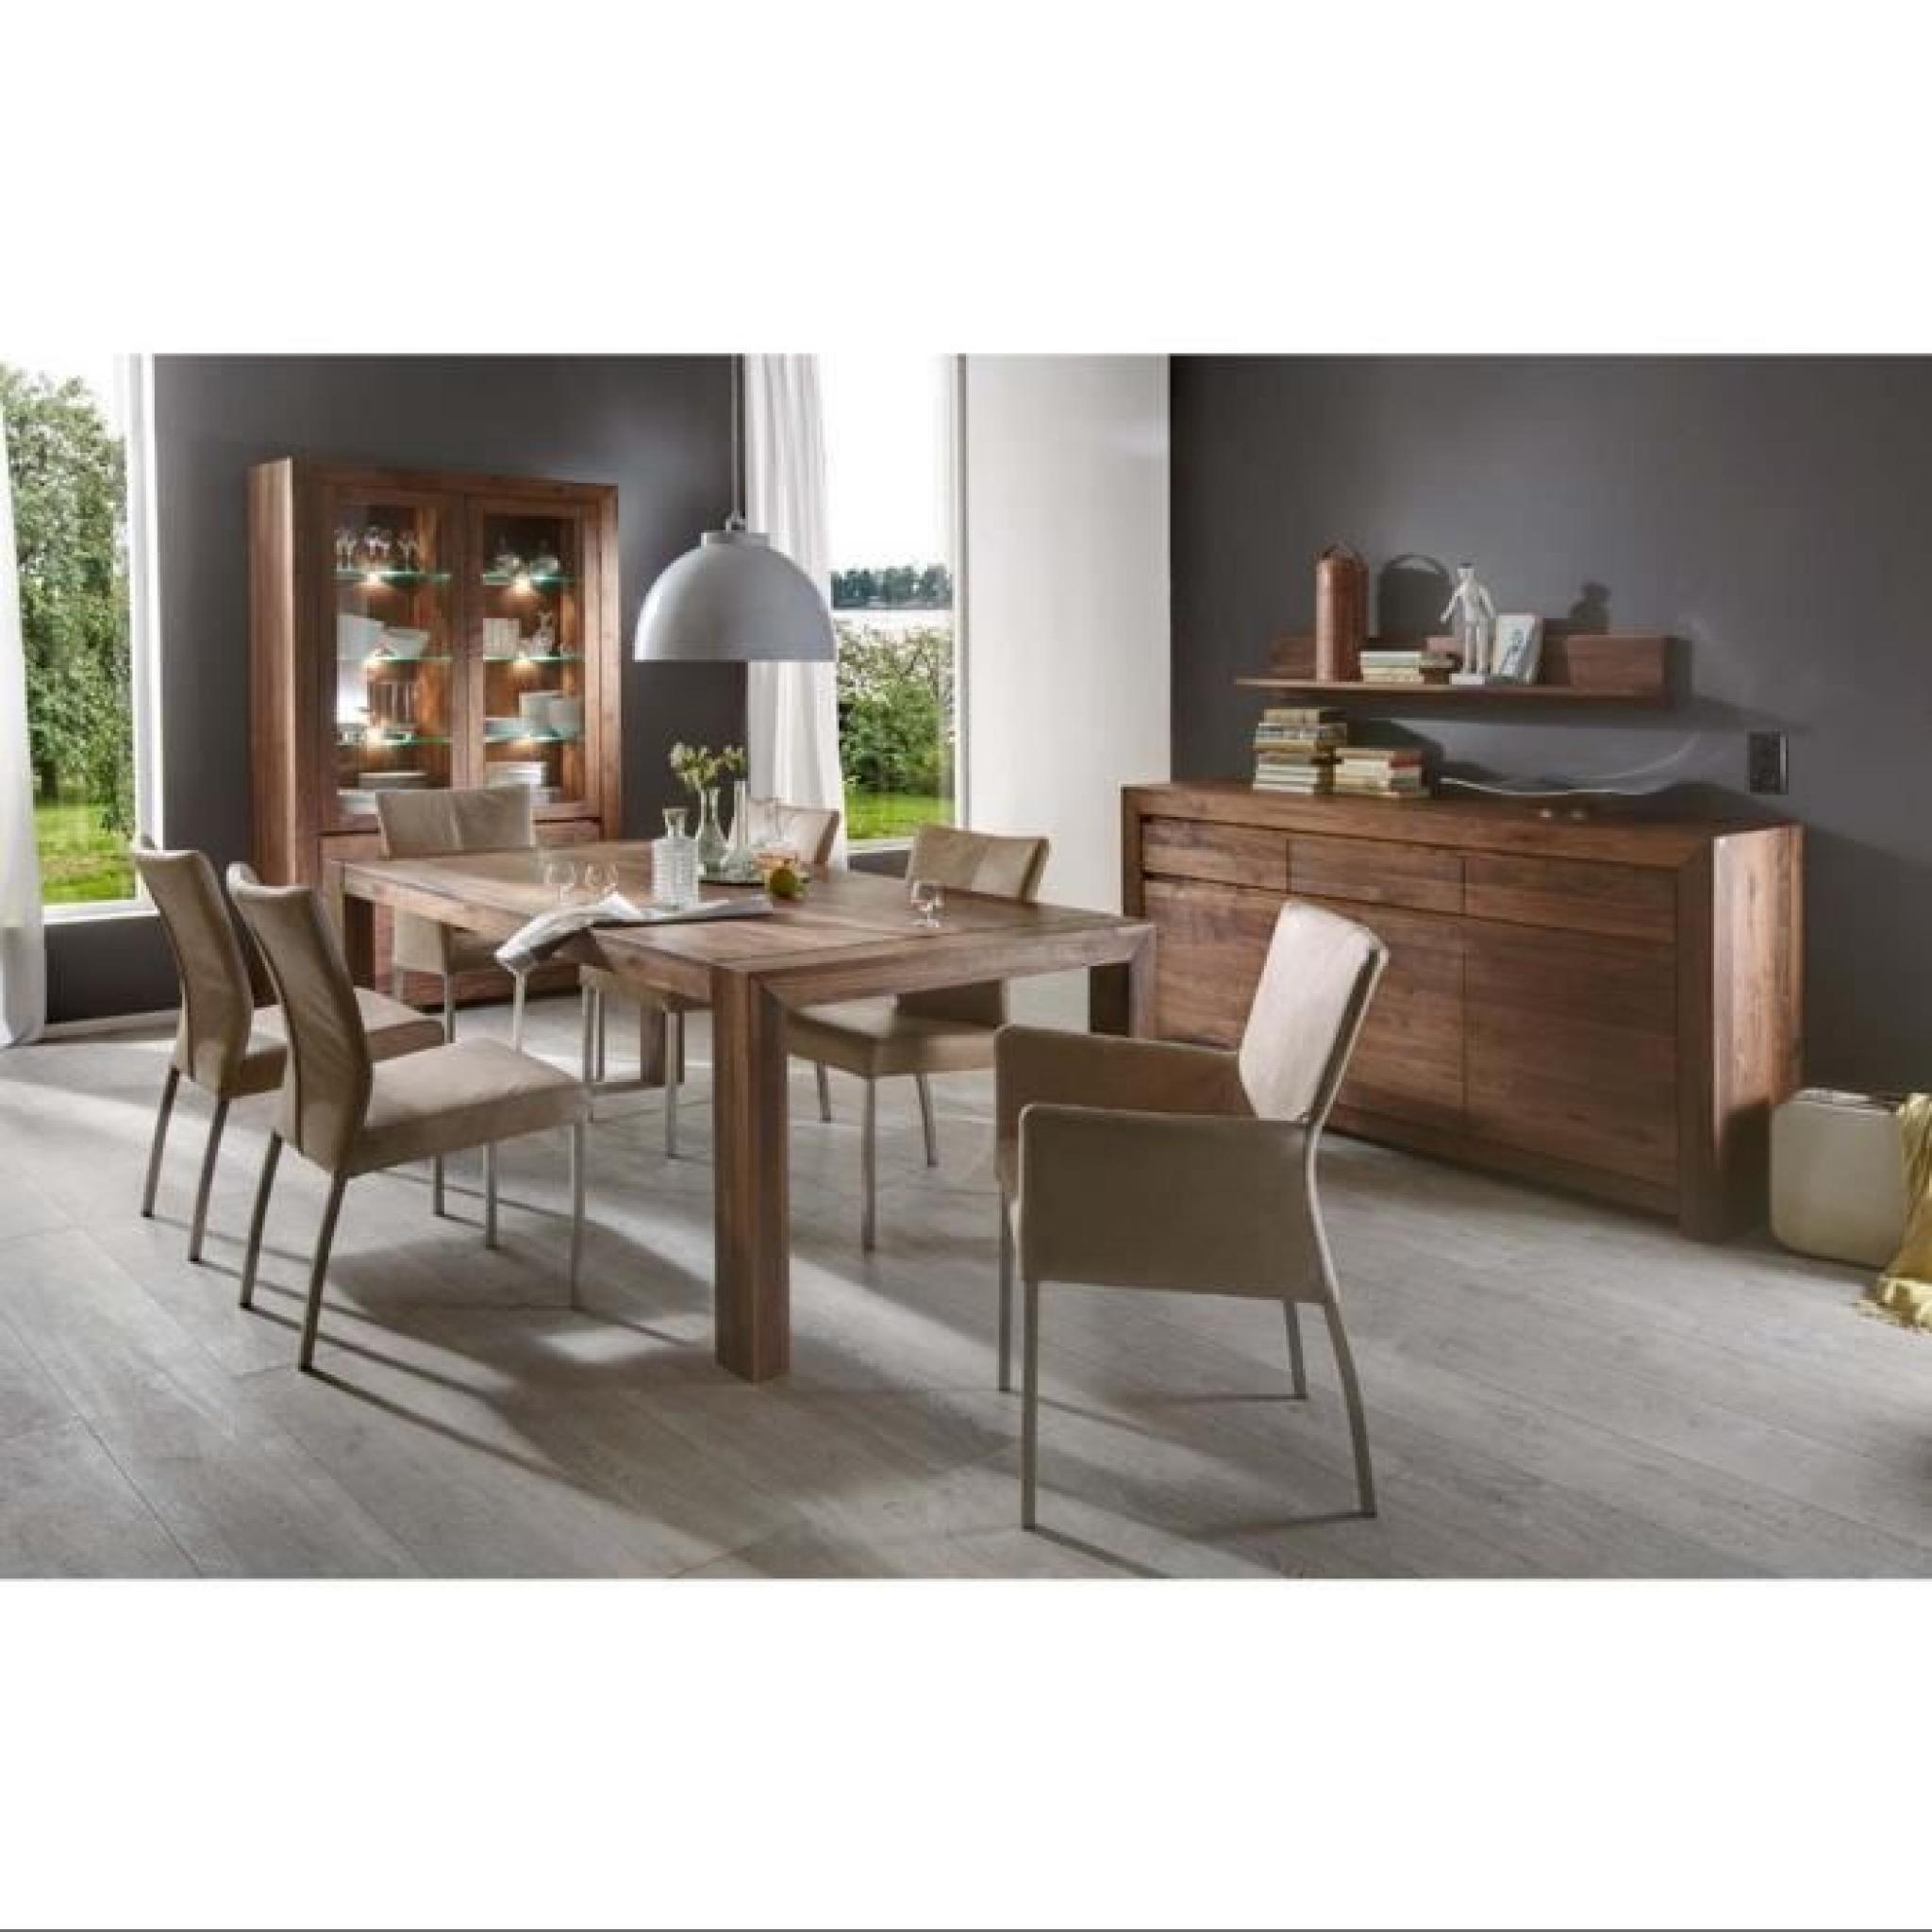 table à manger design vermont atylia dimensions 200 cm